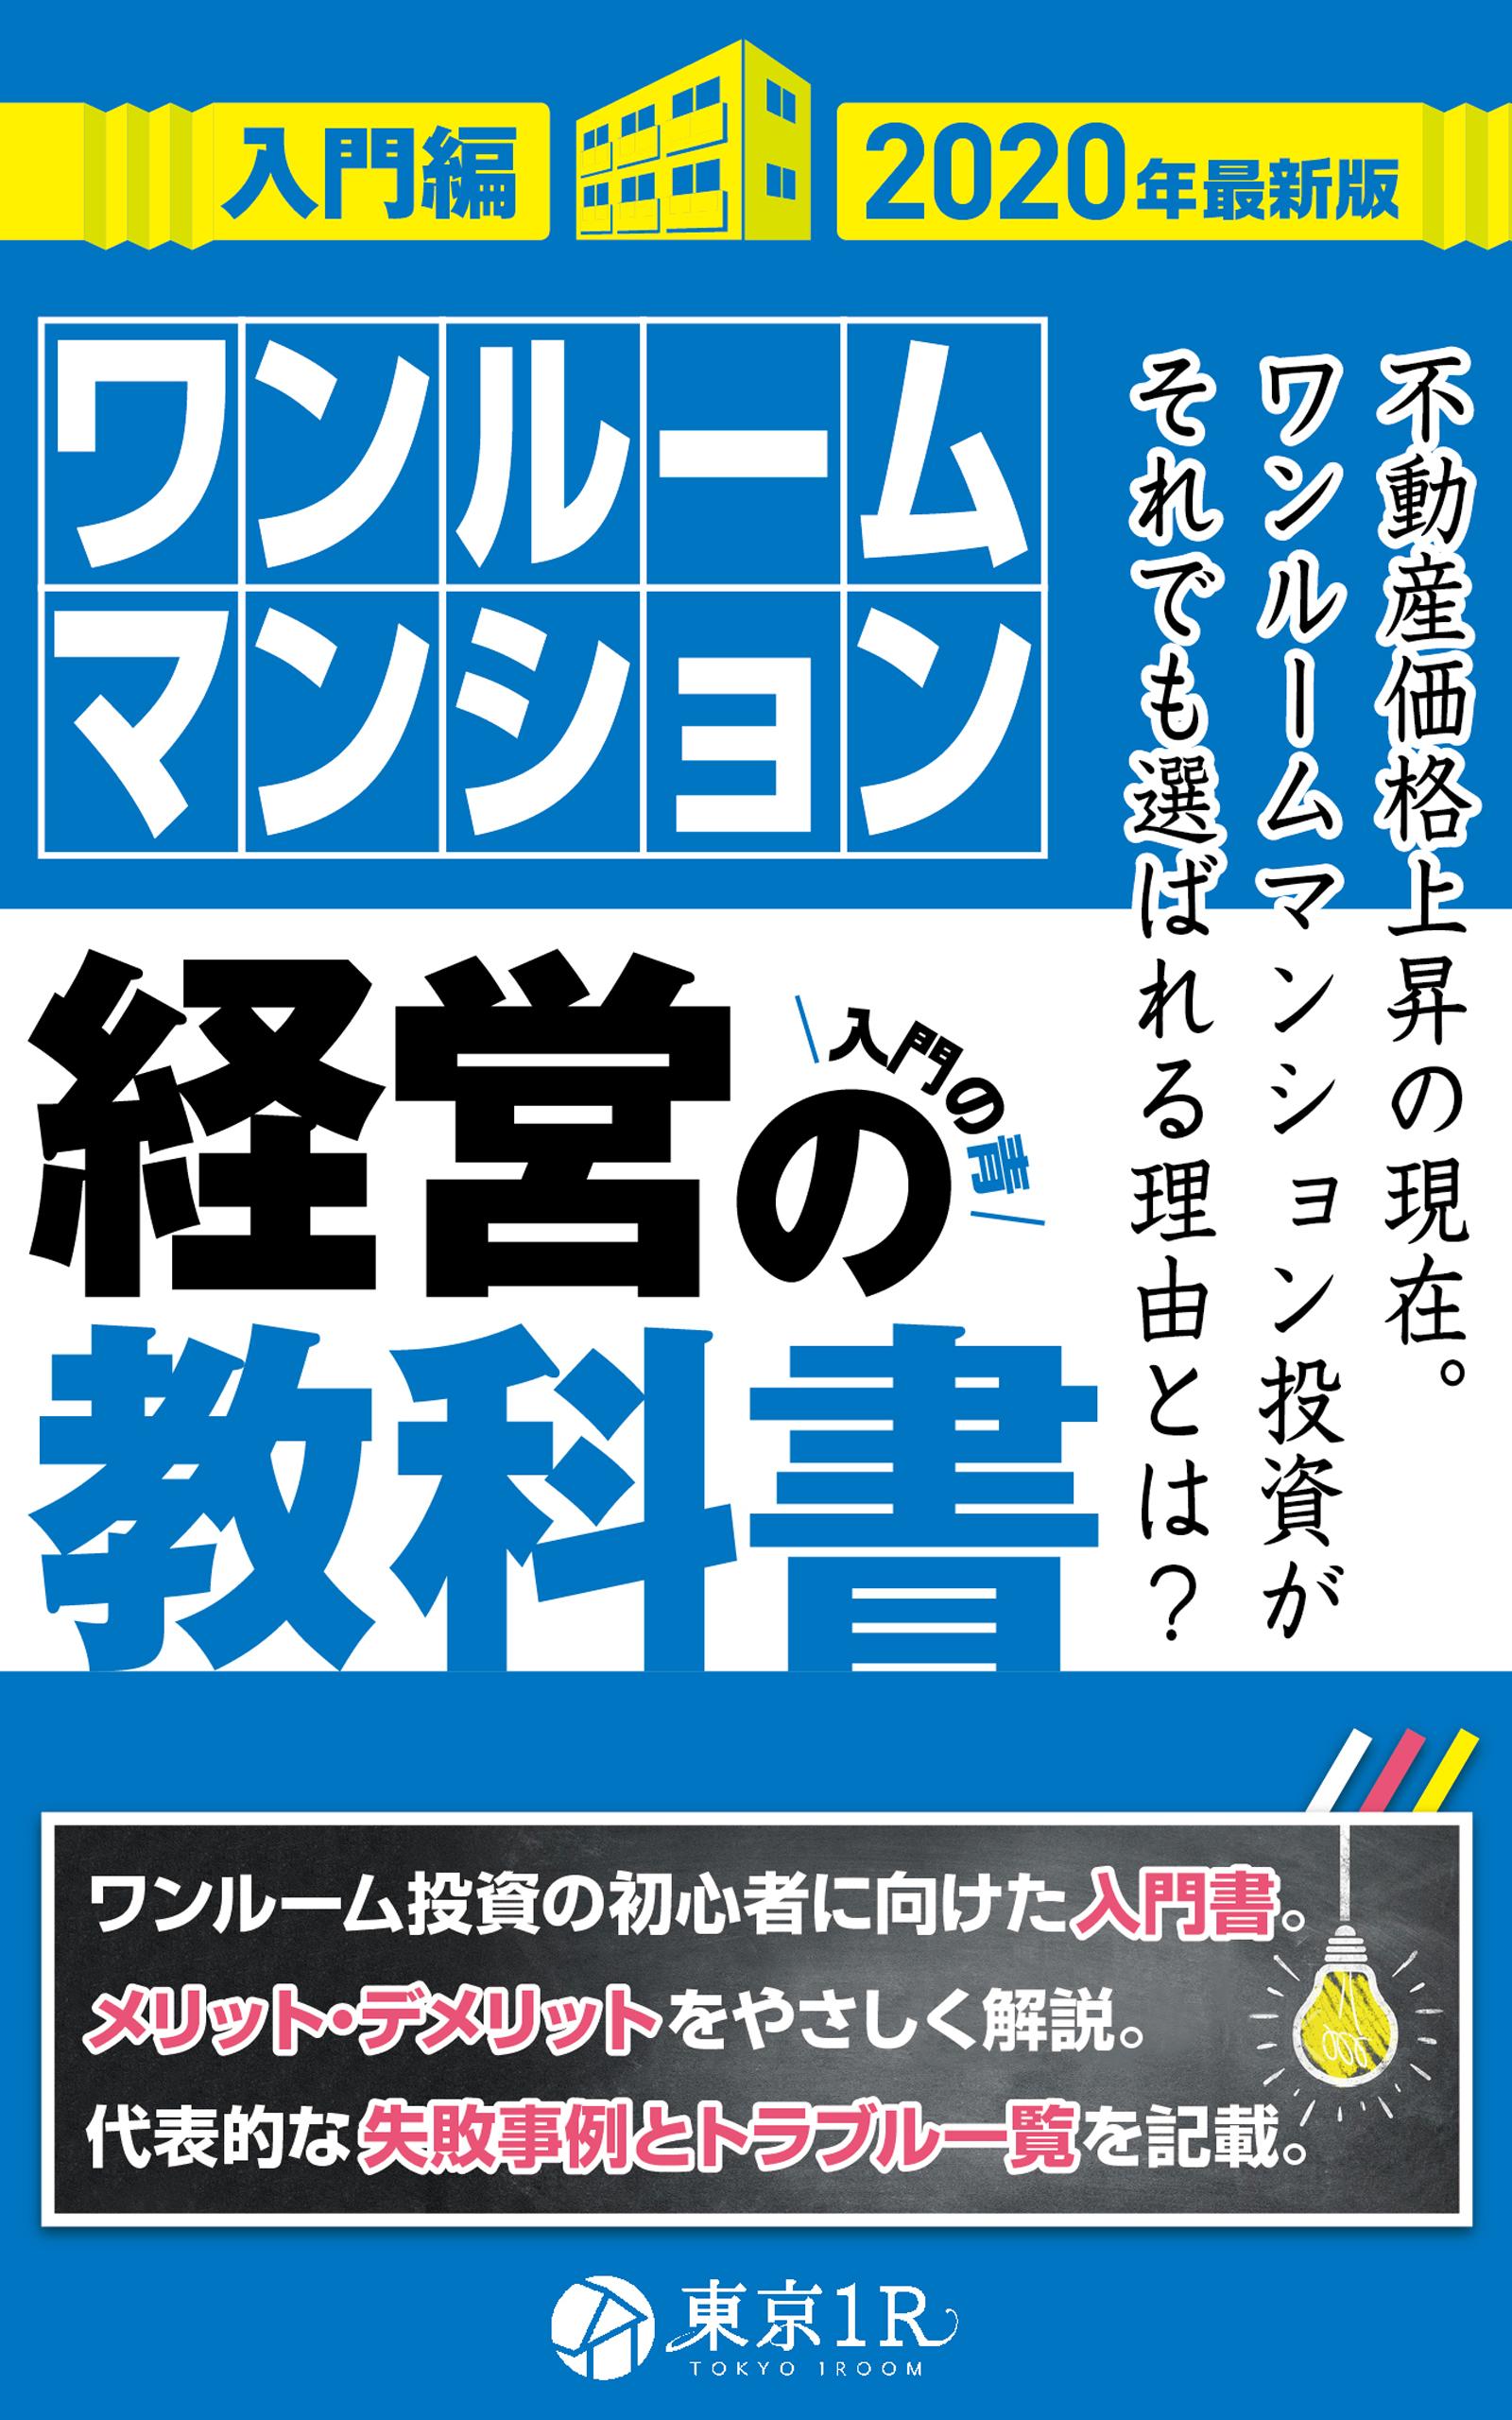 ワンルームマンション経営の教科書【入門編】表紙